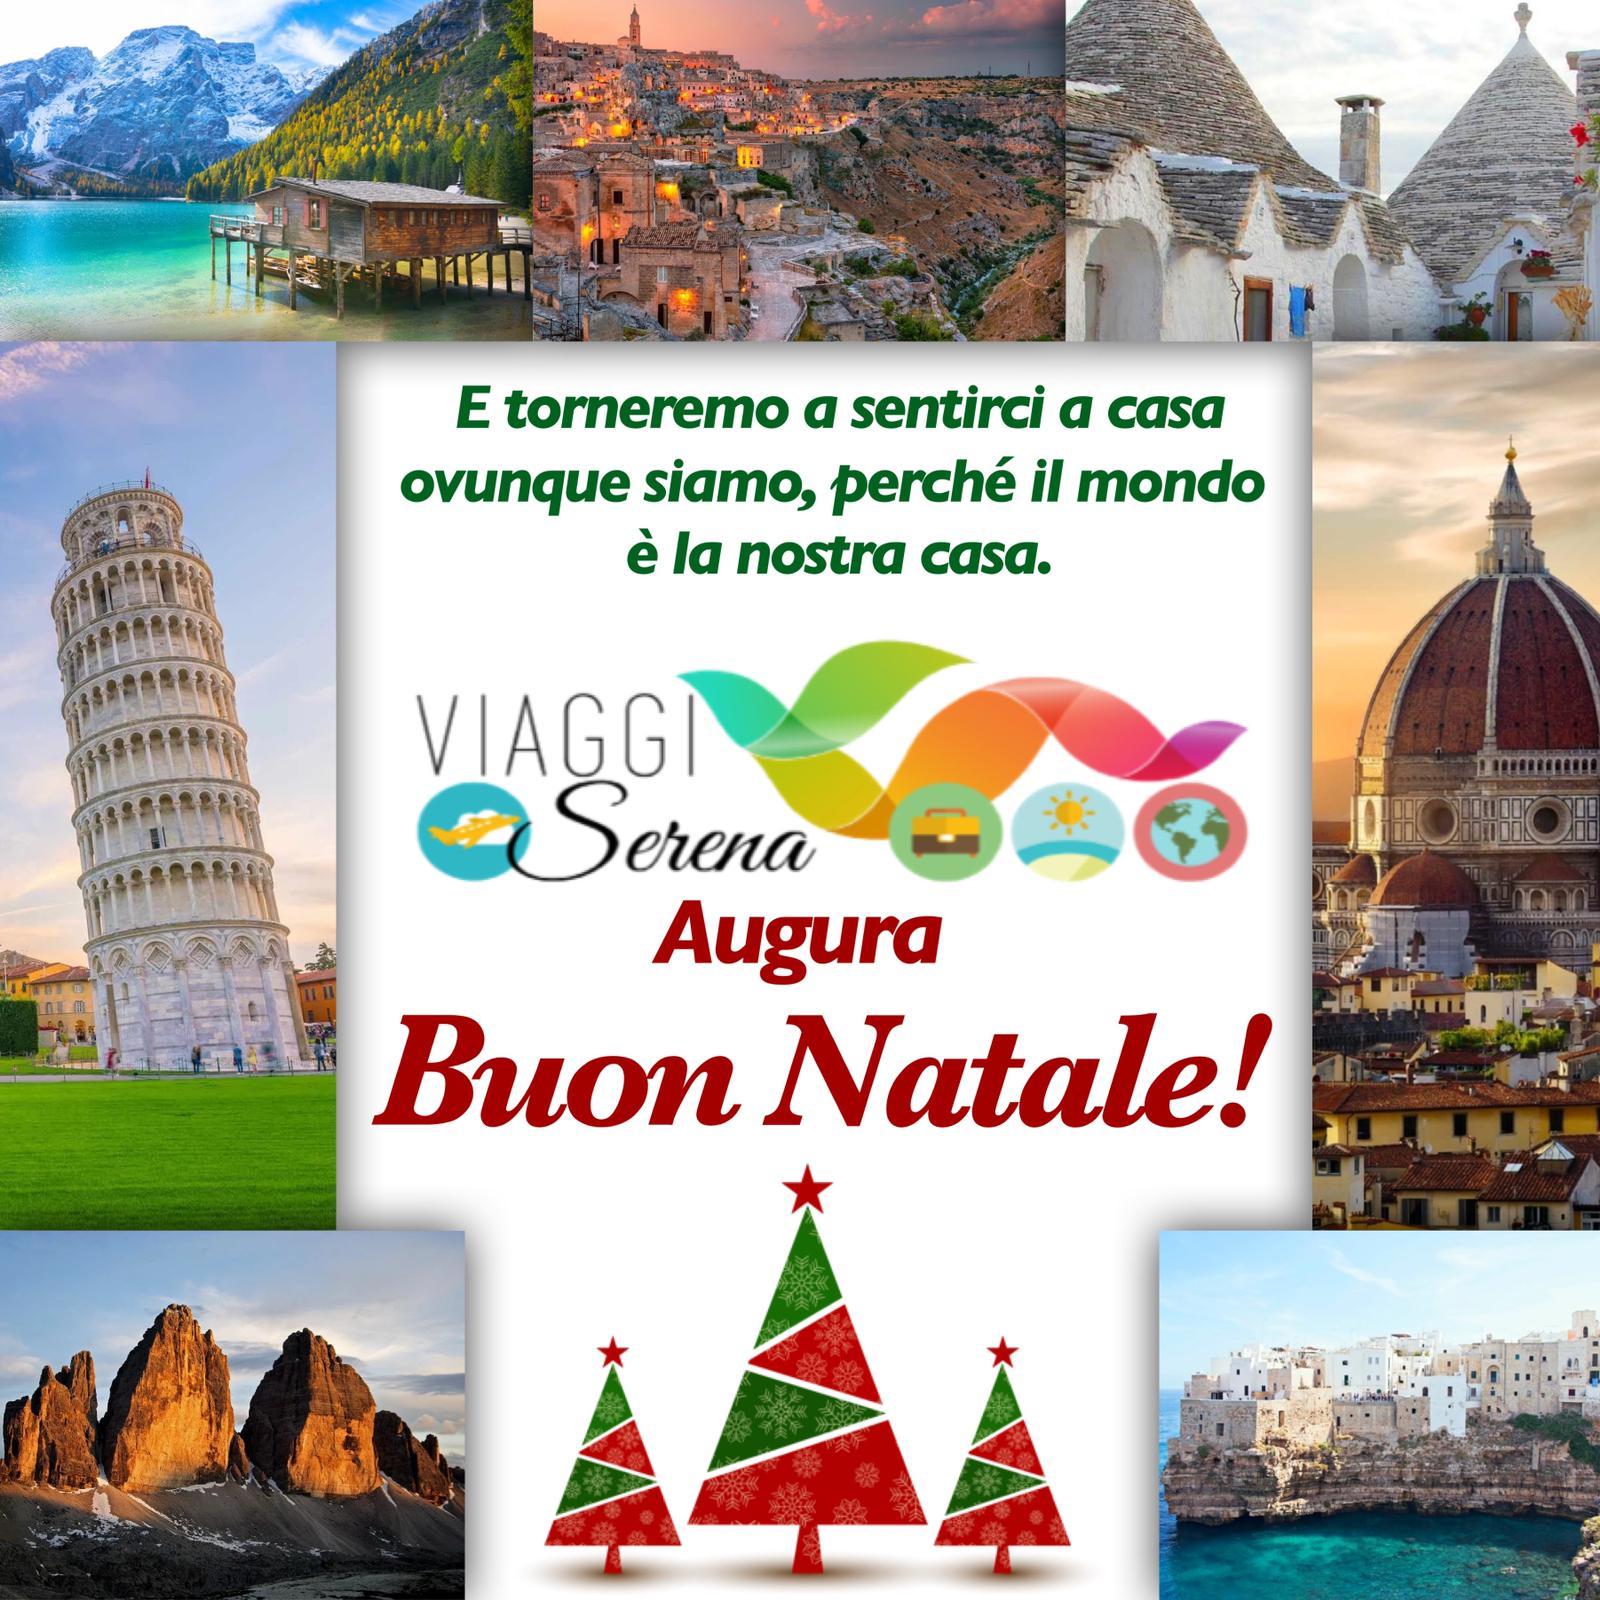 Auguri di Buon Natale da tutta l'Agenzia Viaggi Serena! 💫